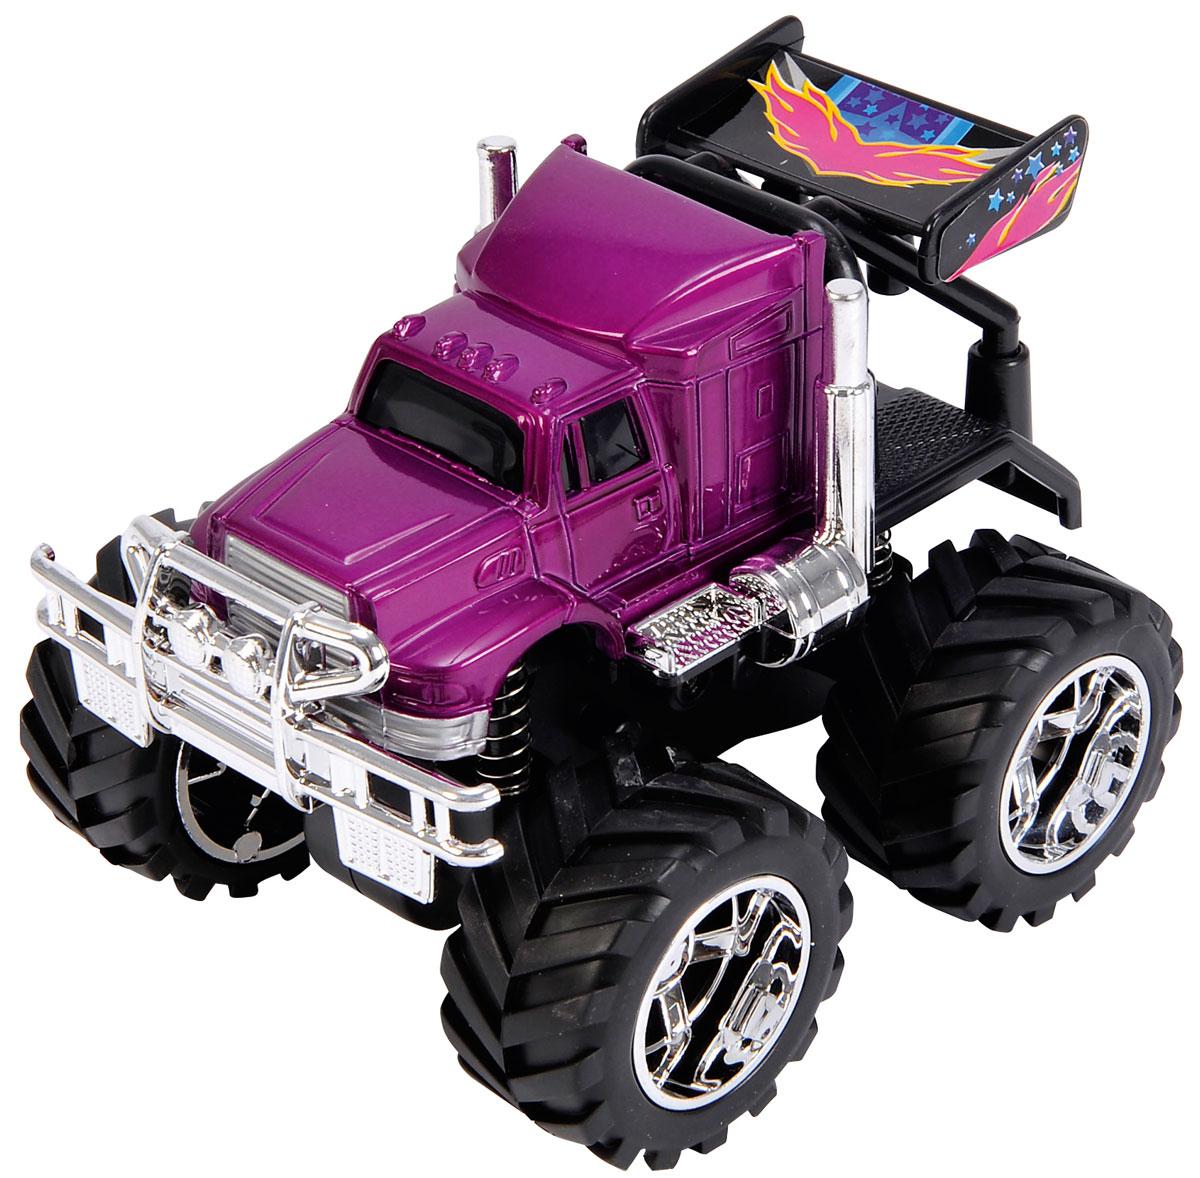 Dickie Toys Джип инерционный 4 x 4 Hill Roader цвет фиолетовый3314837_малиновыйМашинка Dickie Toys Джип 4 x 4 Hill Roader обязательно понравится вашему маленькому гонщику и надолго увлечет его. Игрушка выполнена из безопасного пластика в виде быстрого джипа. Колесики прорезинены, что обеспечивает наилучшее сцепление с полом. Машинка дополнена инерционным ходом - отведите ее назад и отпустите, и машинка быстро поедет вперед. Игры с такой машинкой развивают концентрацию внимания, координацию движений, мелкую и крупную моторику, цветовое восприятие и воображение. Малыш будет часами играть с этой машинкой, придумывая разные истории. Порадуйте своего ребенка таким замечательным подарком!